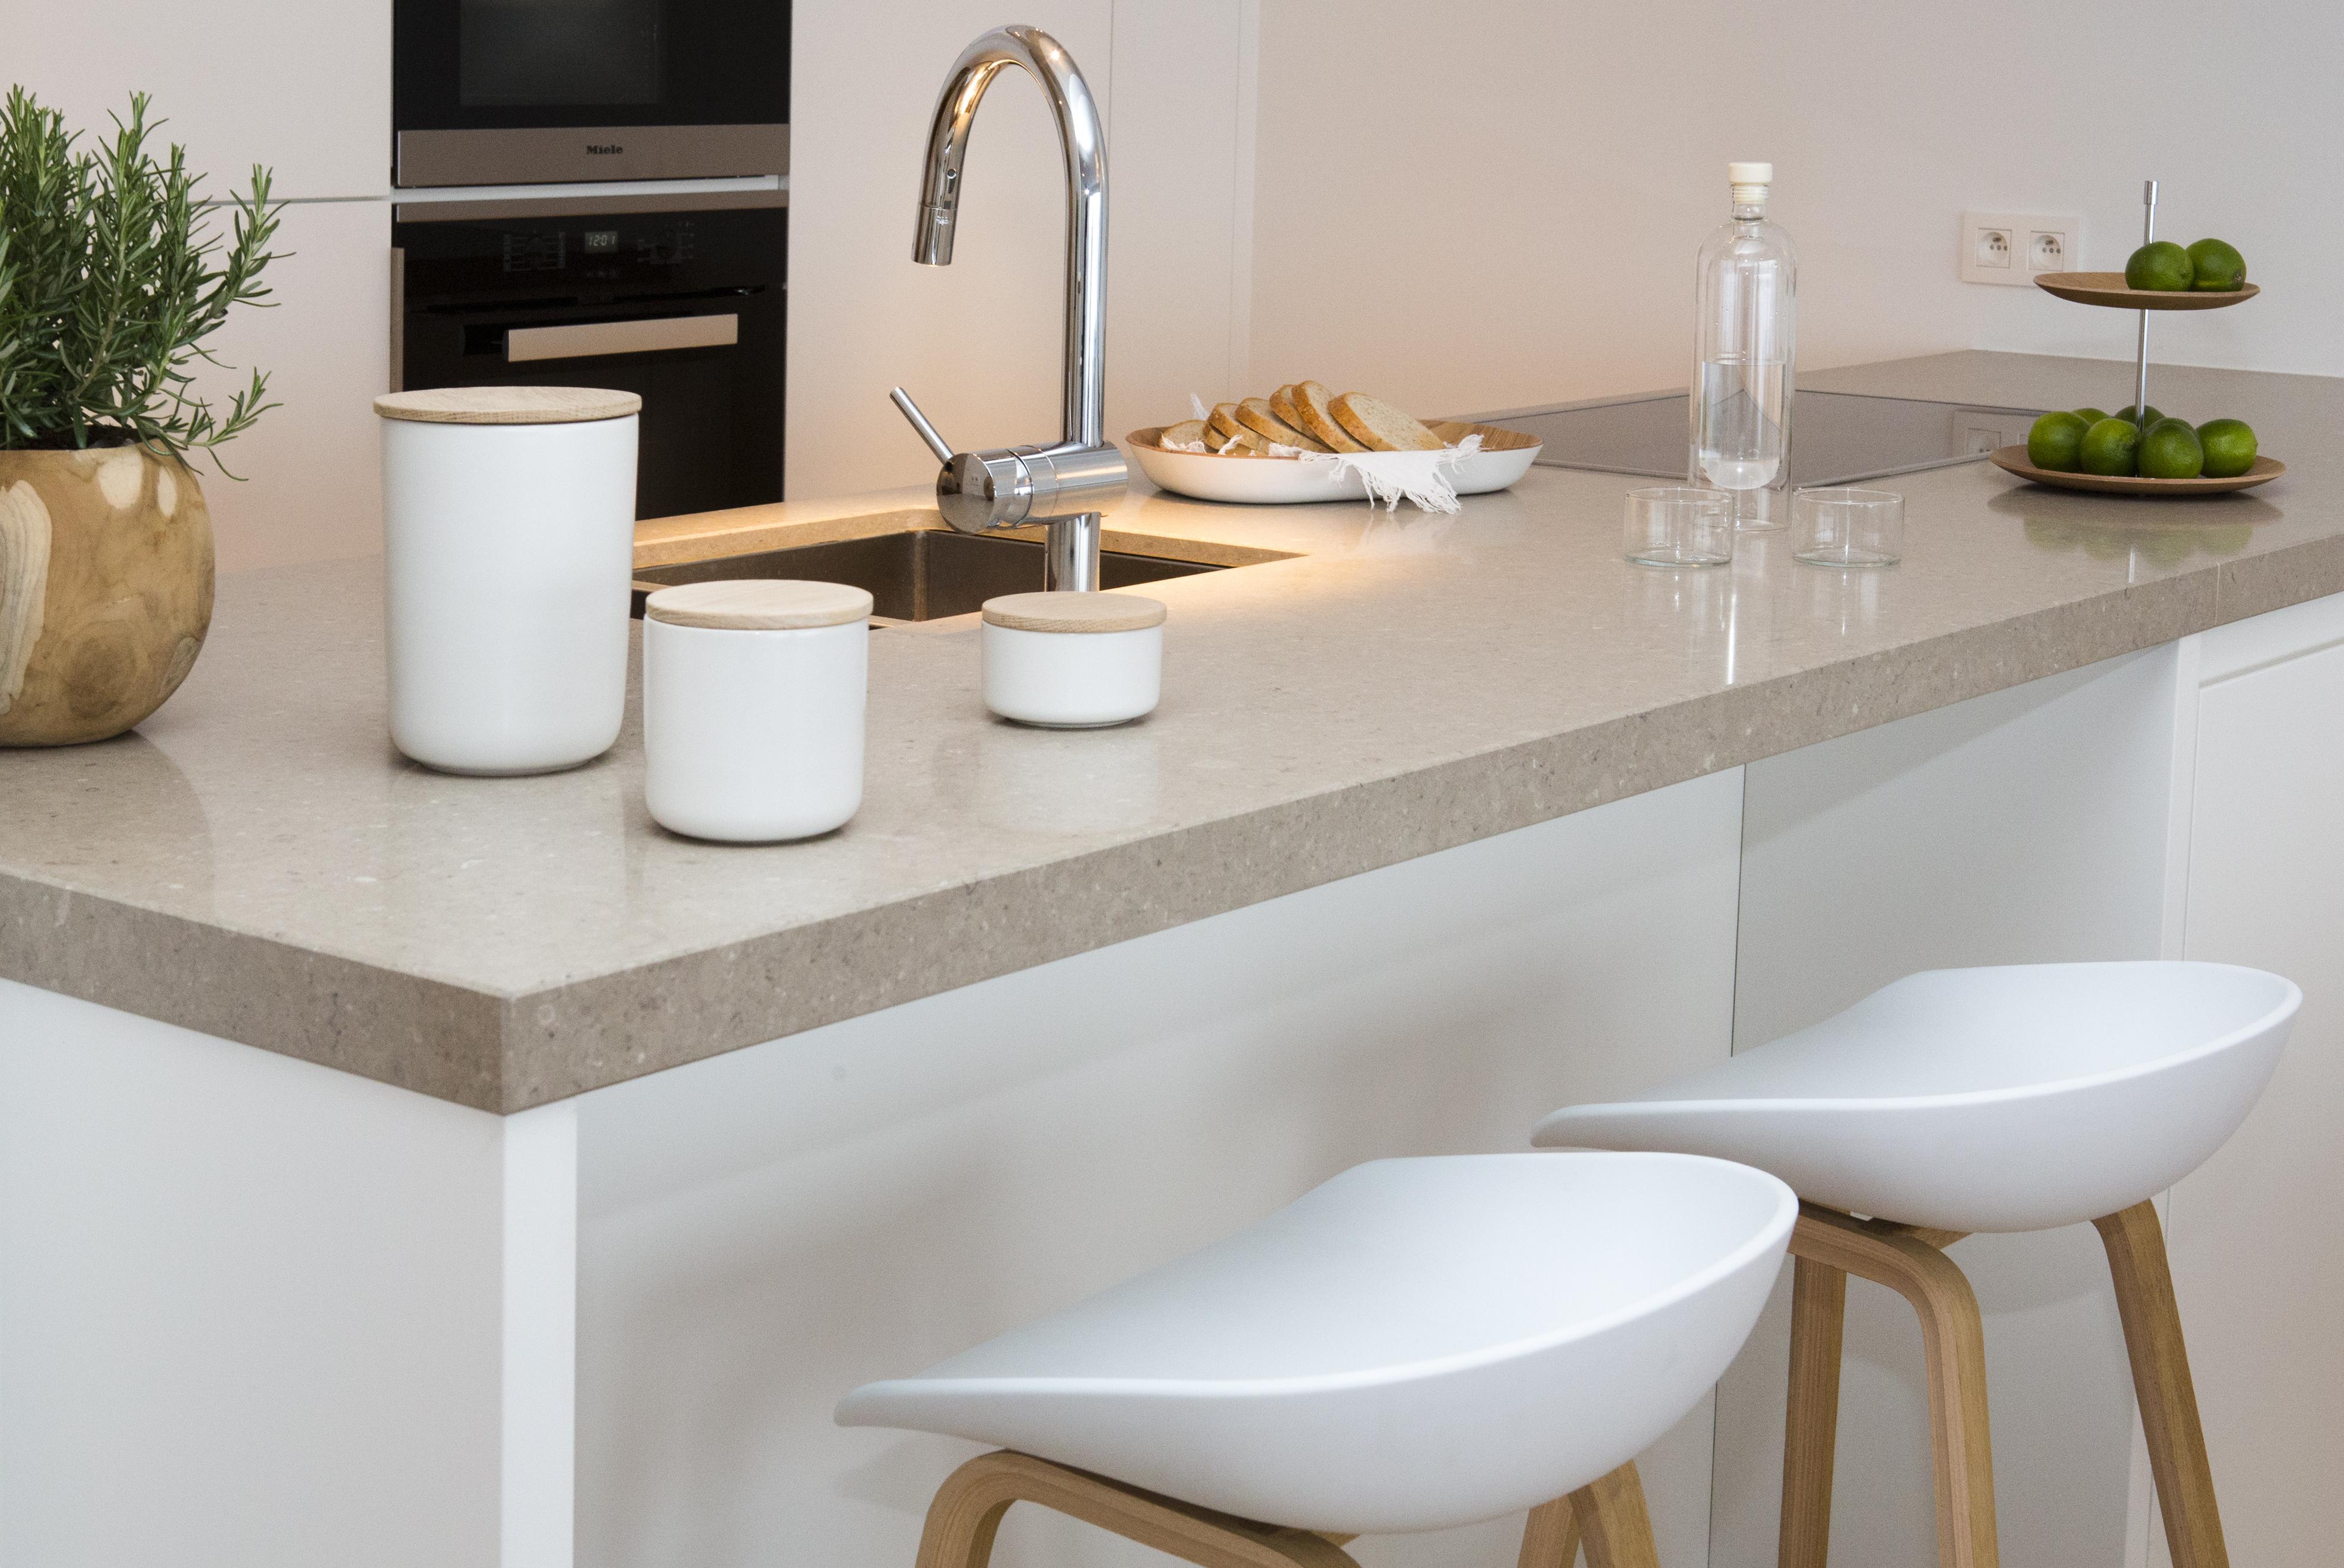 Keukenaccessoires brugge inspiratie het beste interieur - Decoratie appartement design ...